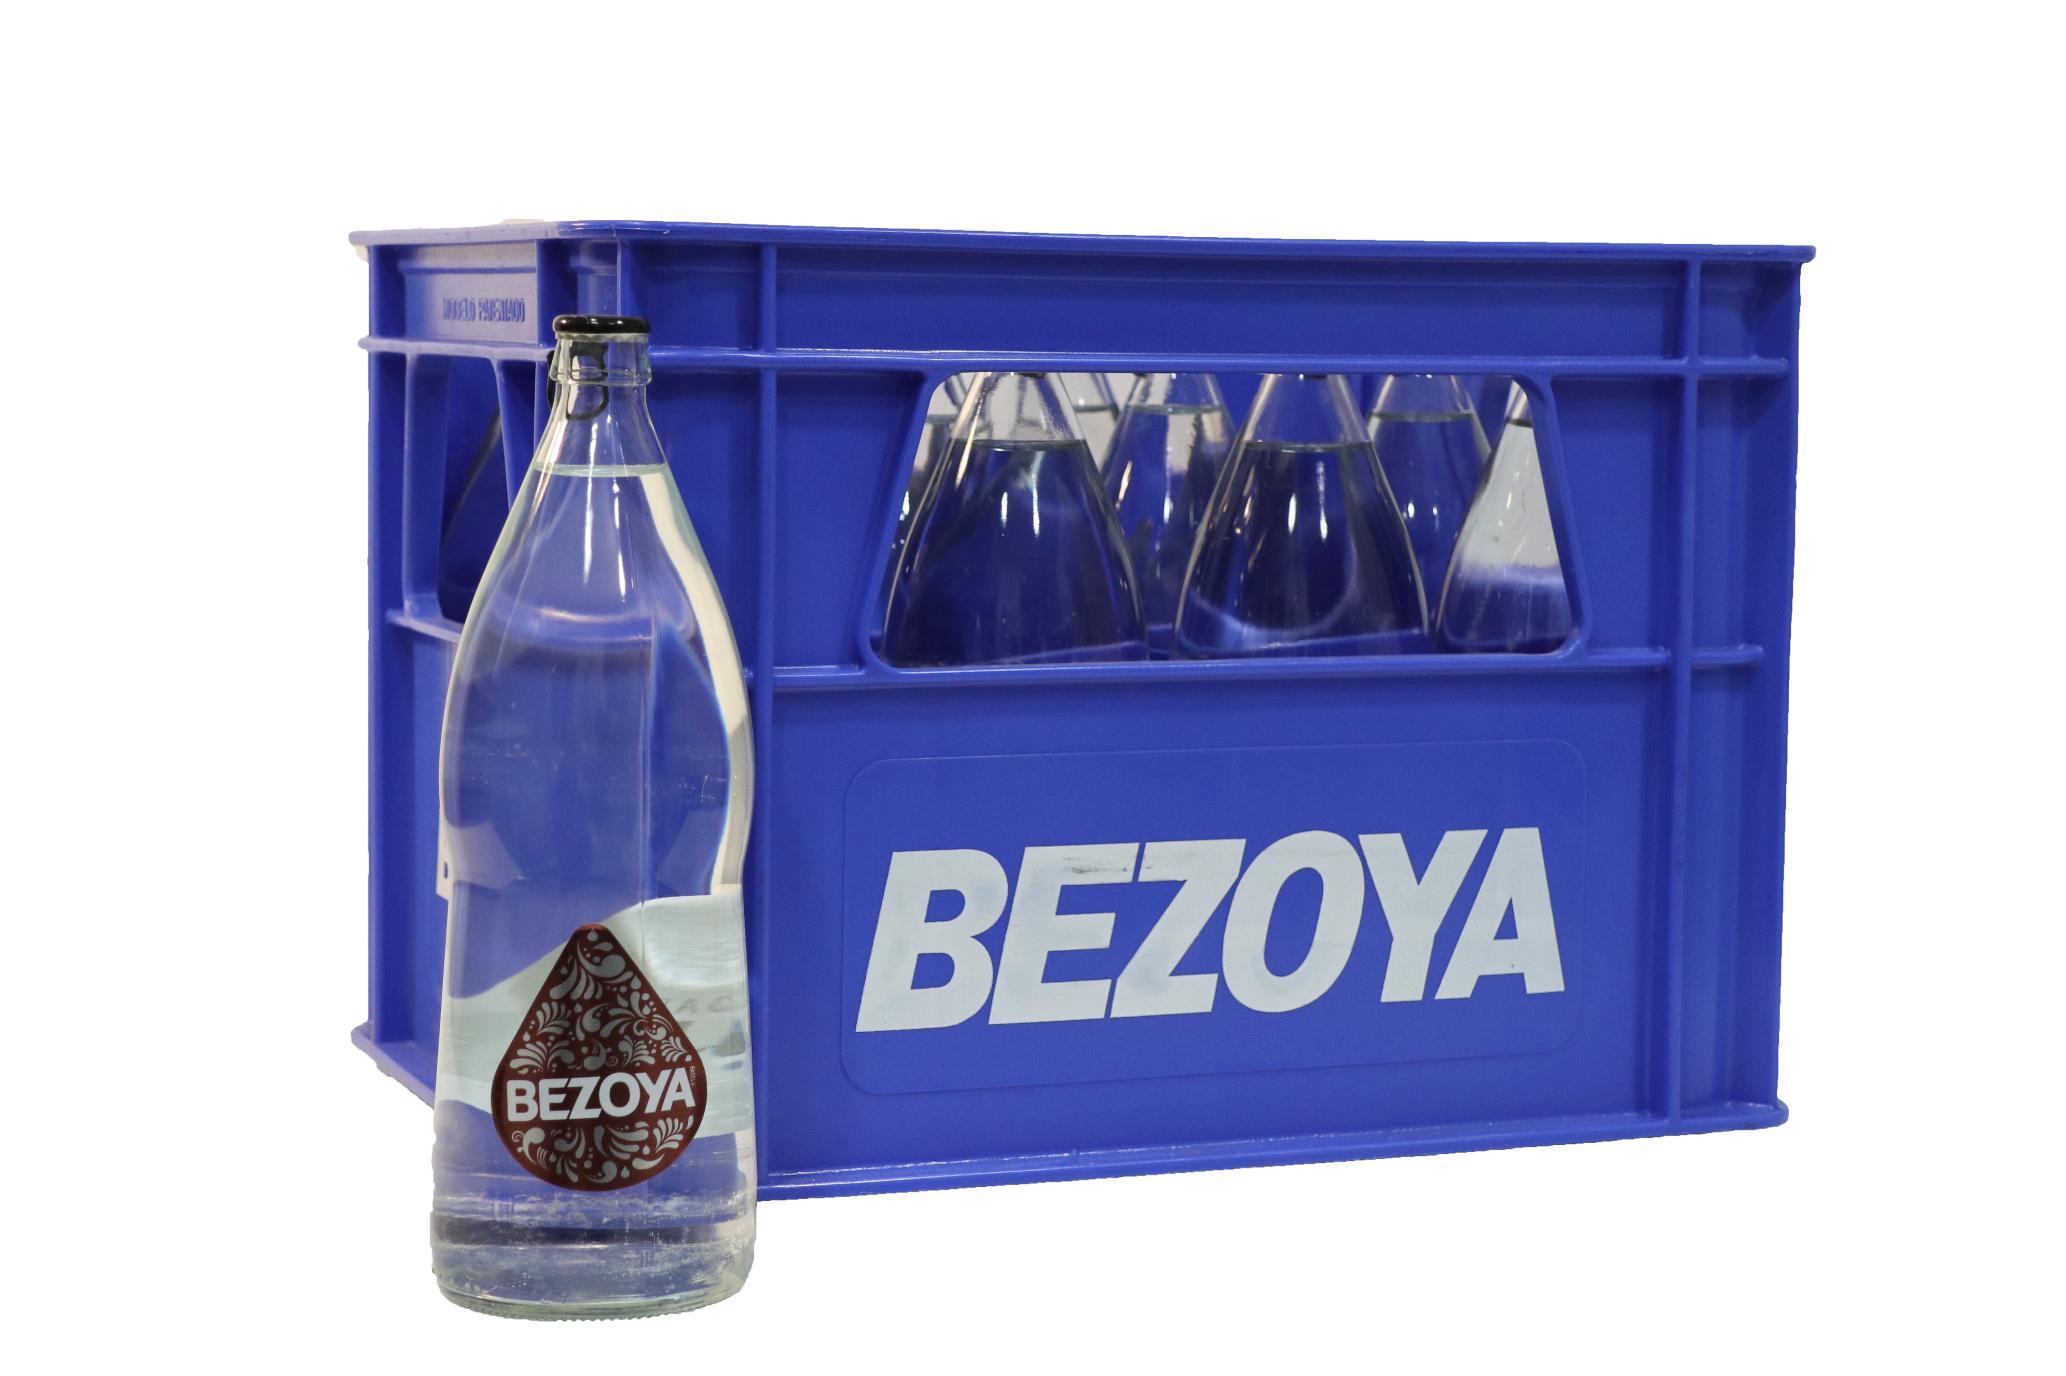 Bezoya en vidrio - Economía circular